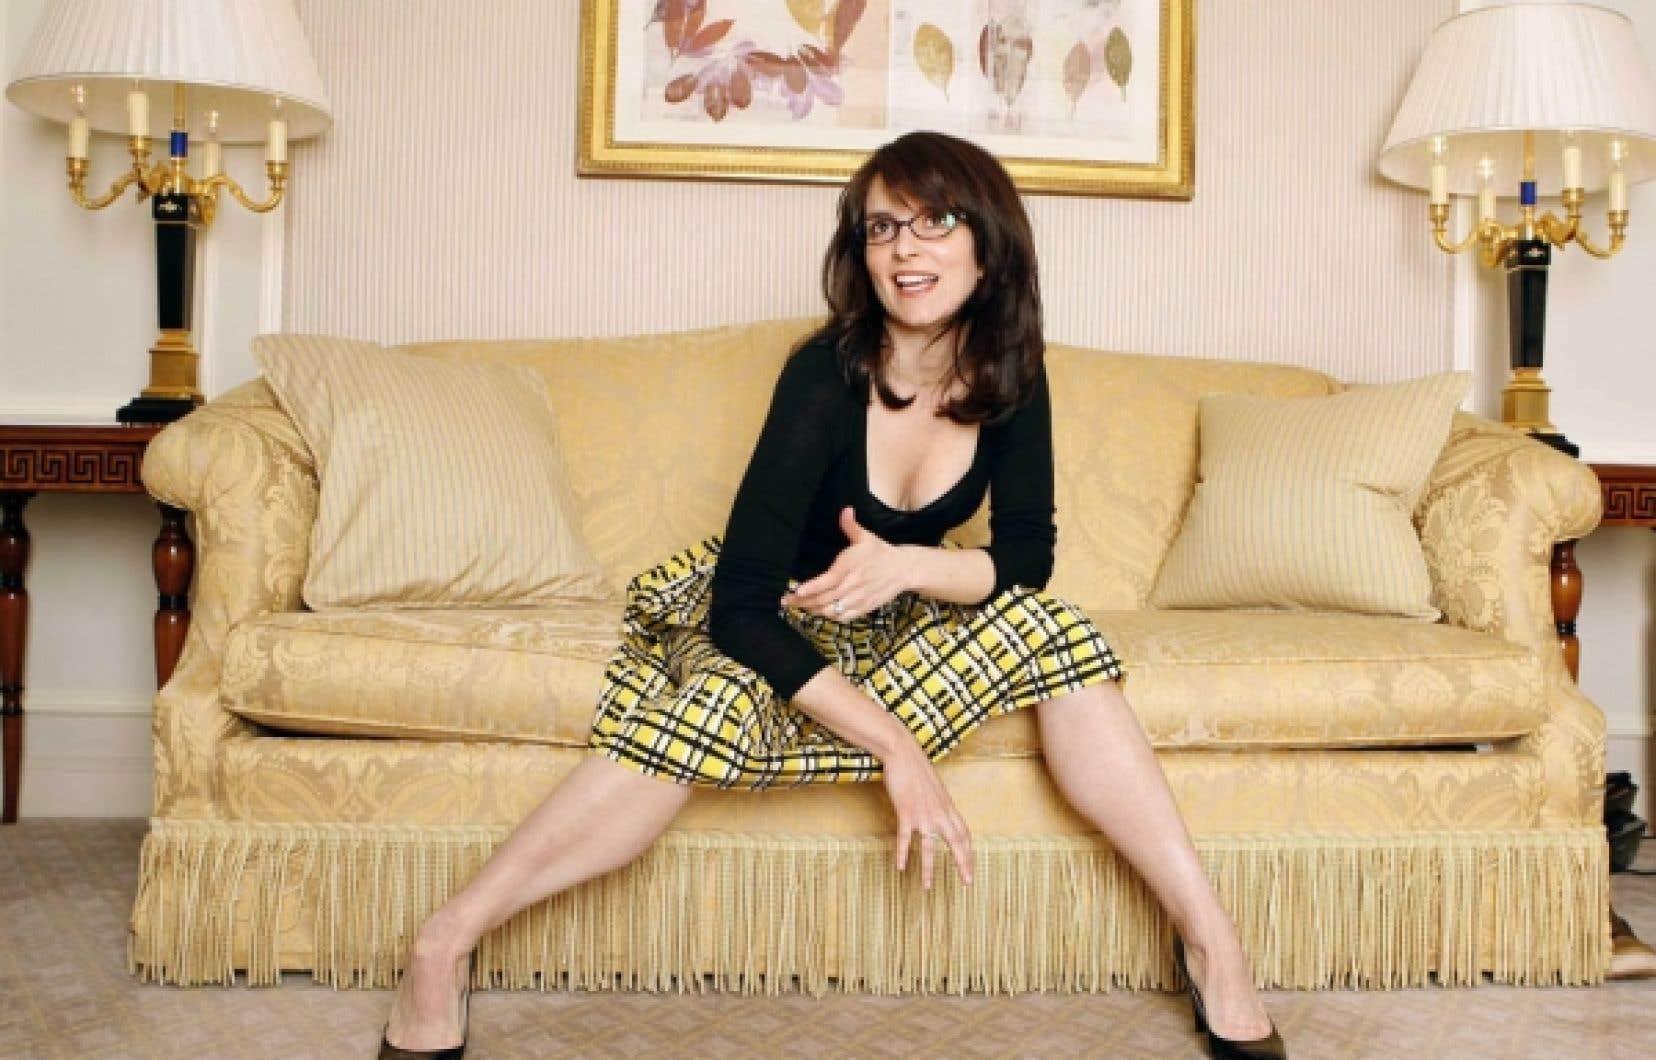 L'actrice et scénariste Tina Fey, bien connue pour 30 Rock et sa parodie de Sarah Palin, a été nommée parmi les geeks de l'année 2008 par le magazine Wired.